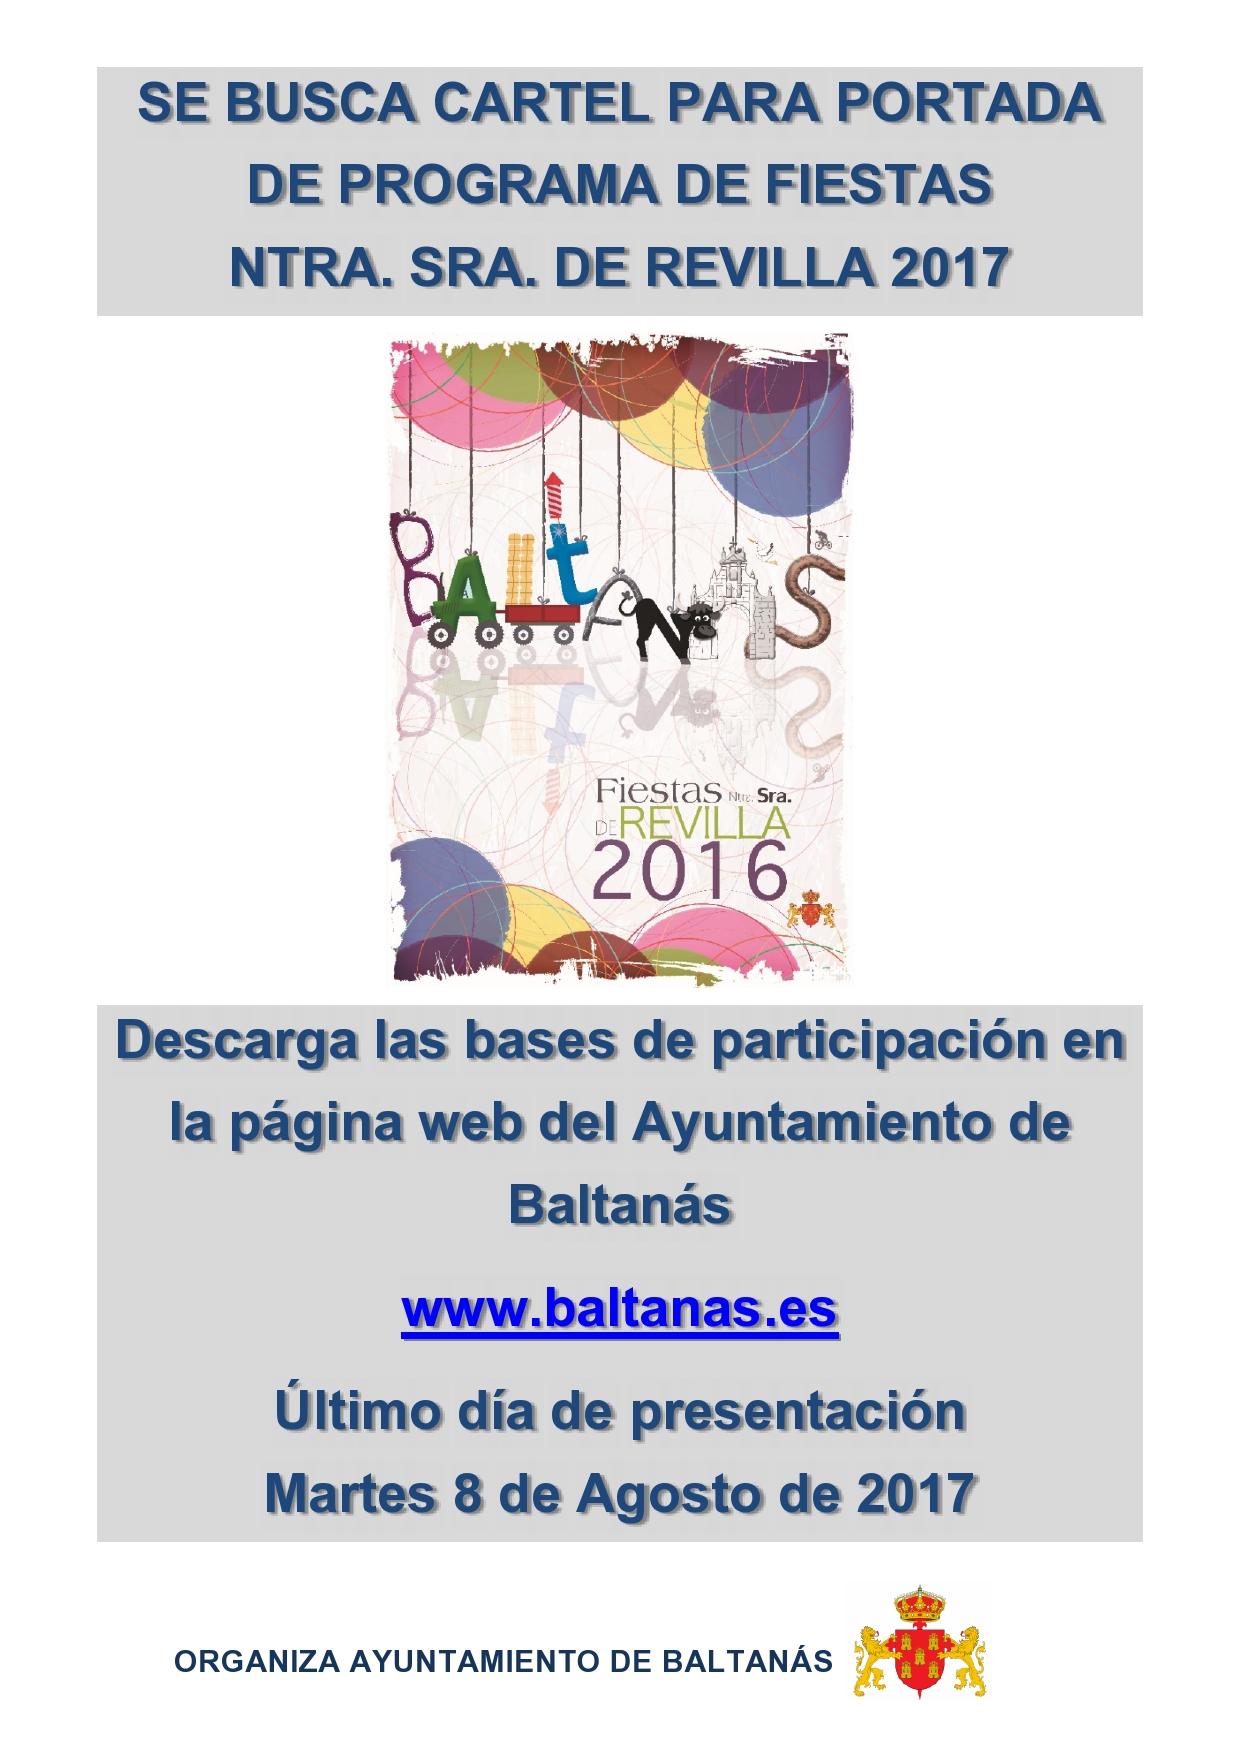 SE BUSCA CARTEL PARA PORTADA DE PROGRAMA DE FIESTAS  NTRA. SRA. DE REVILLA 2017